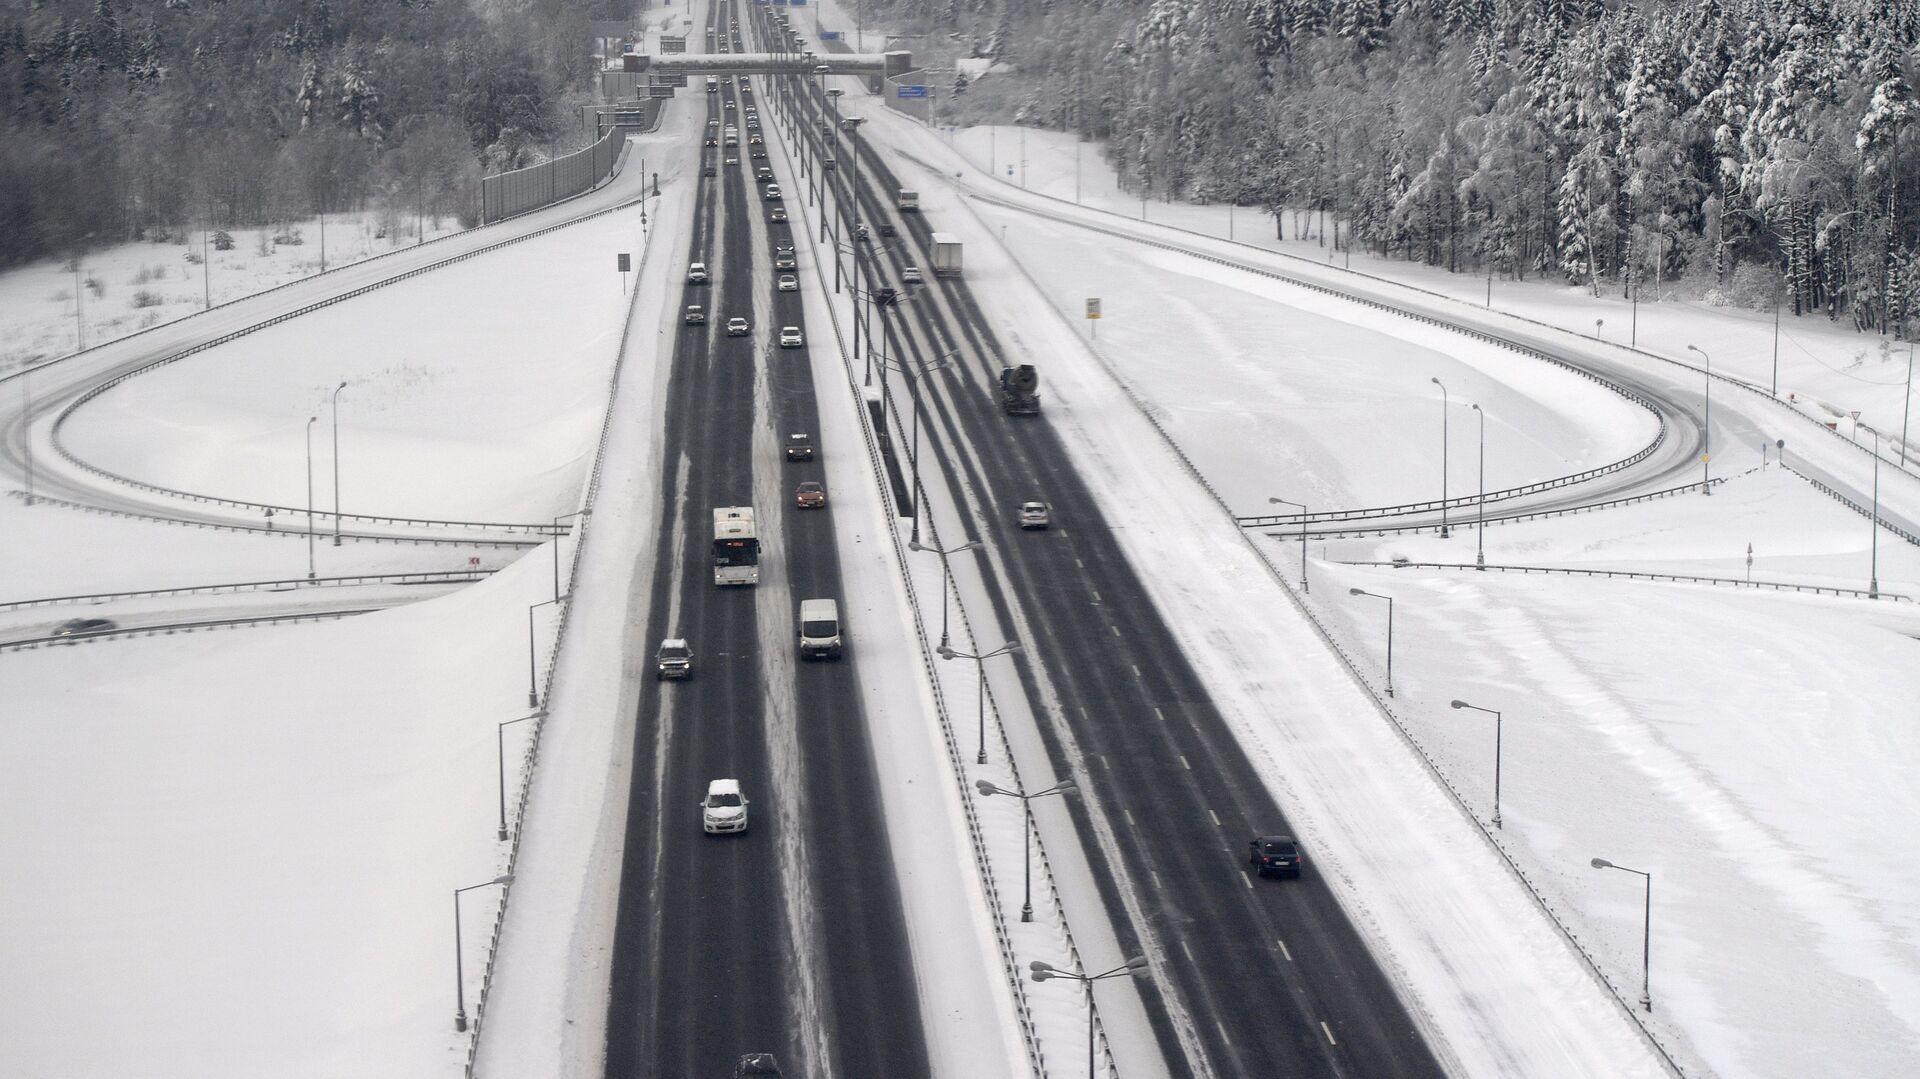 Автомобильное движение на Киевском шоссе - РИА Новости, 1920, 19.02.2021